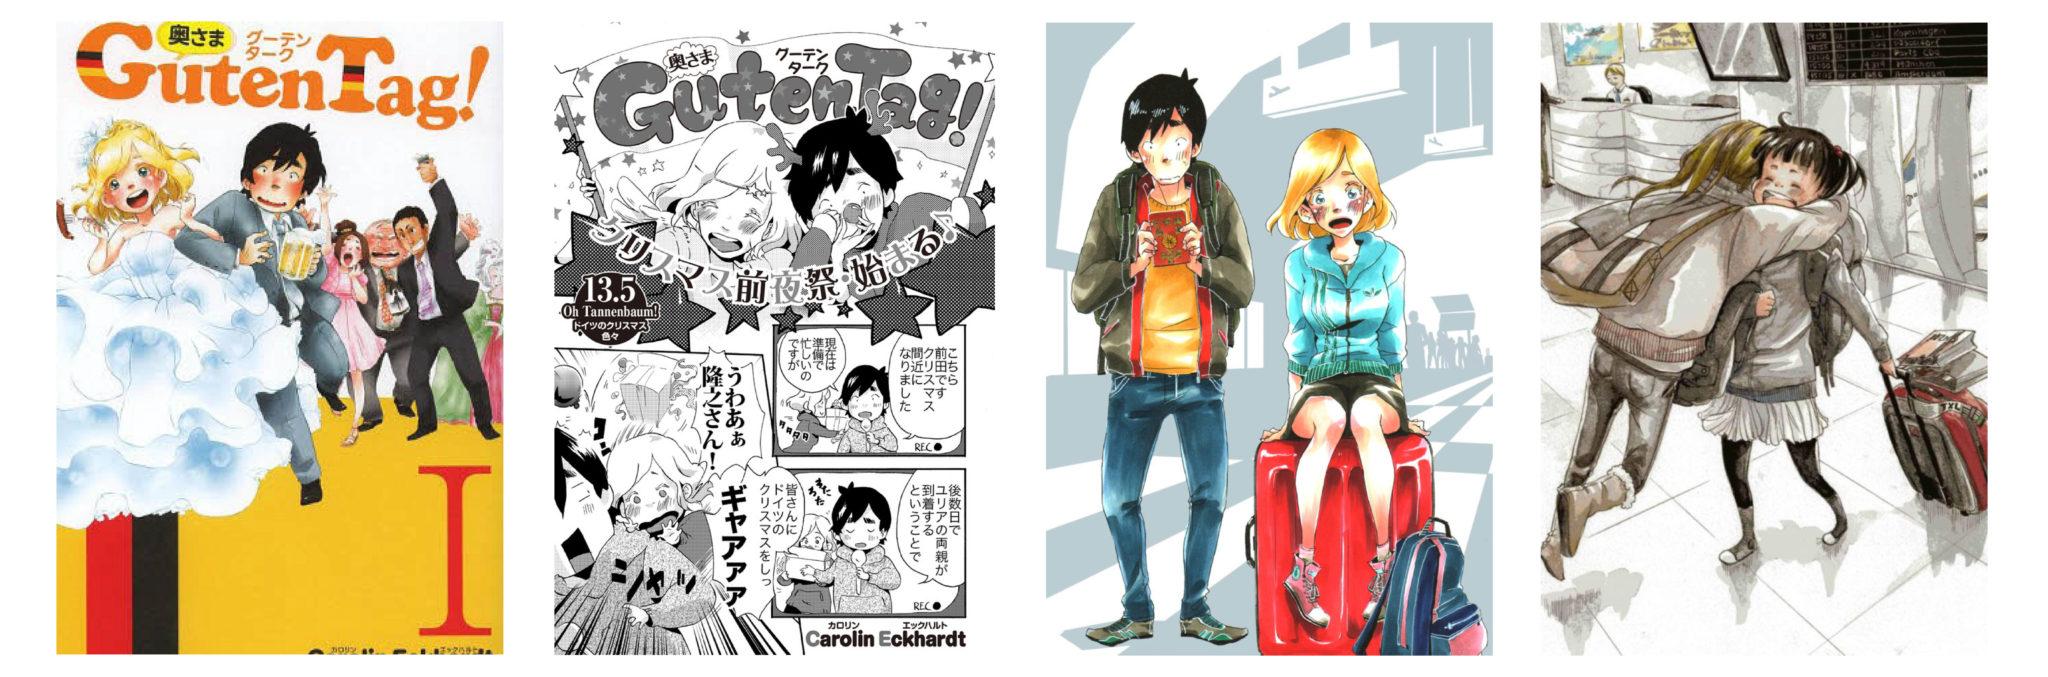 Manga, Japan, Carolin Eckhardt